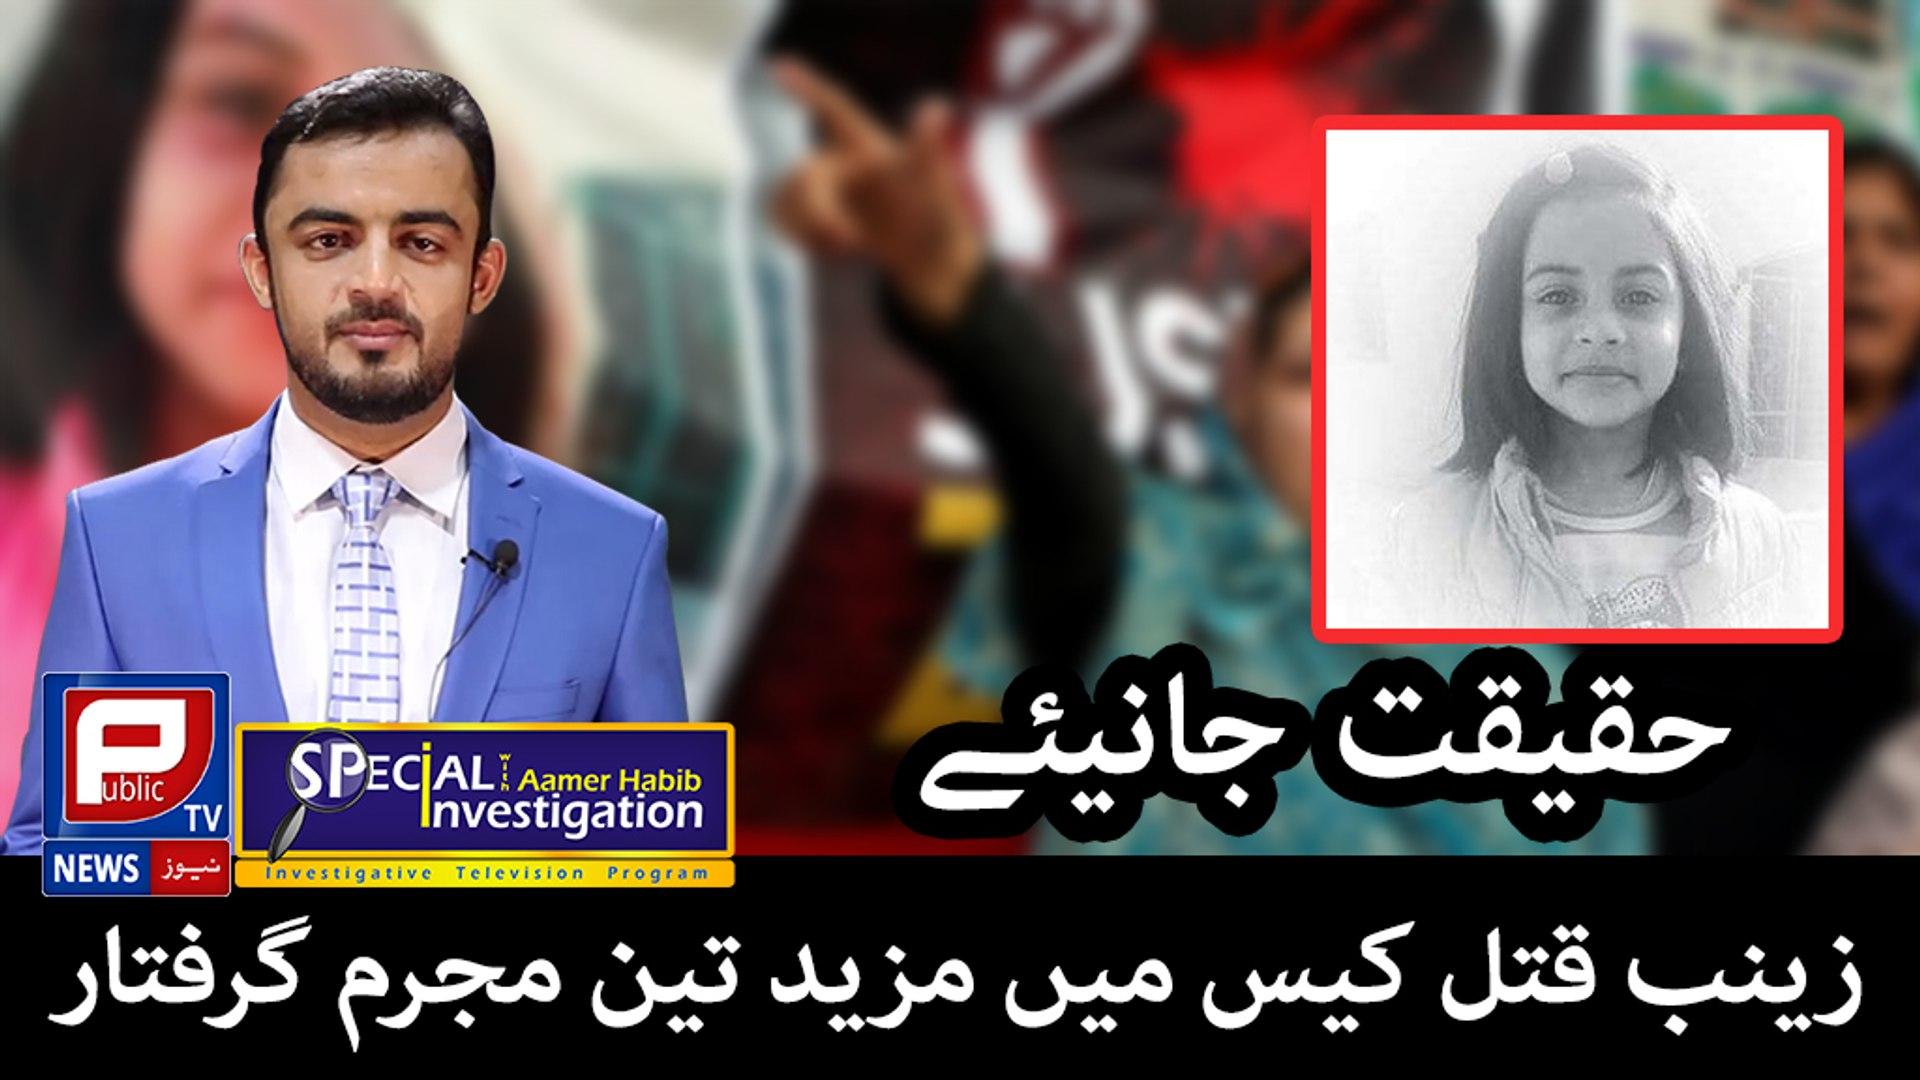 Latest Pakistan News by Aamer Habib l Zainab Murder Case l Public News l Aamir Habib Pakistani News